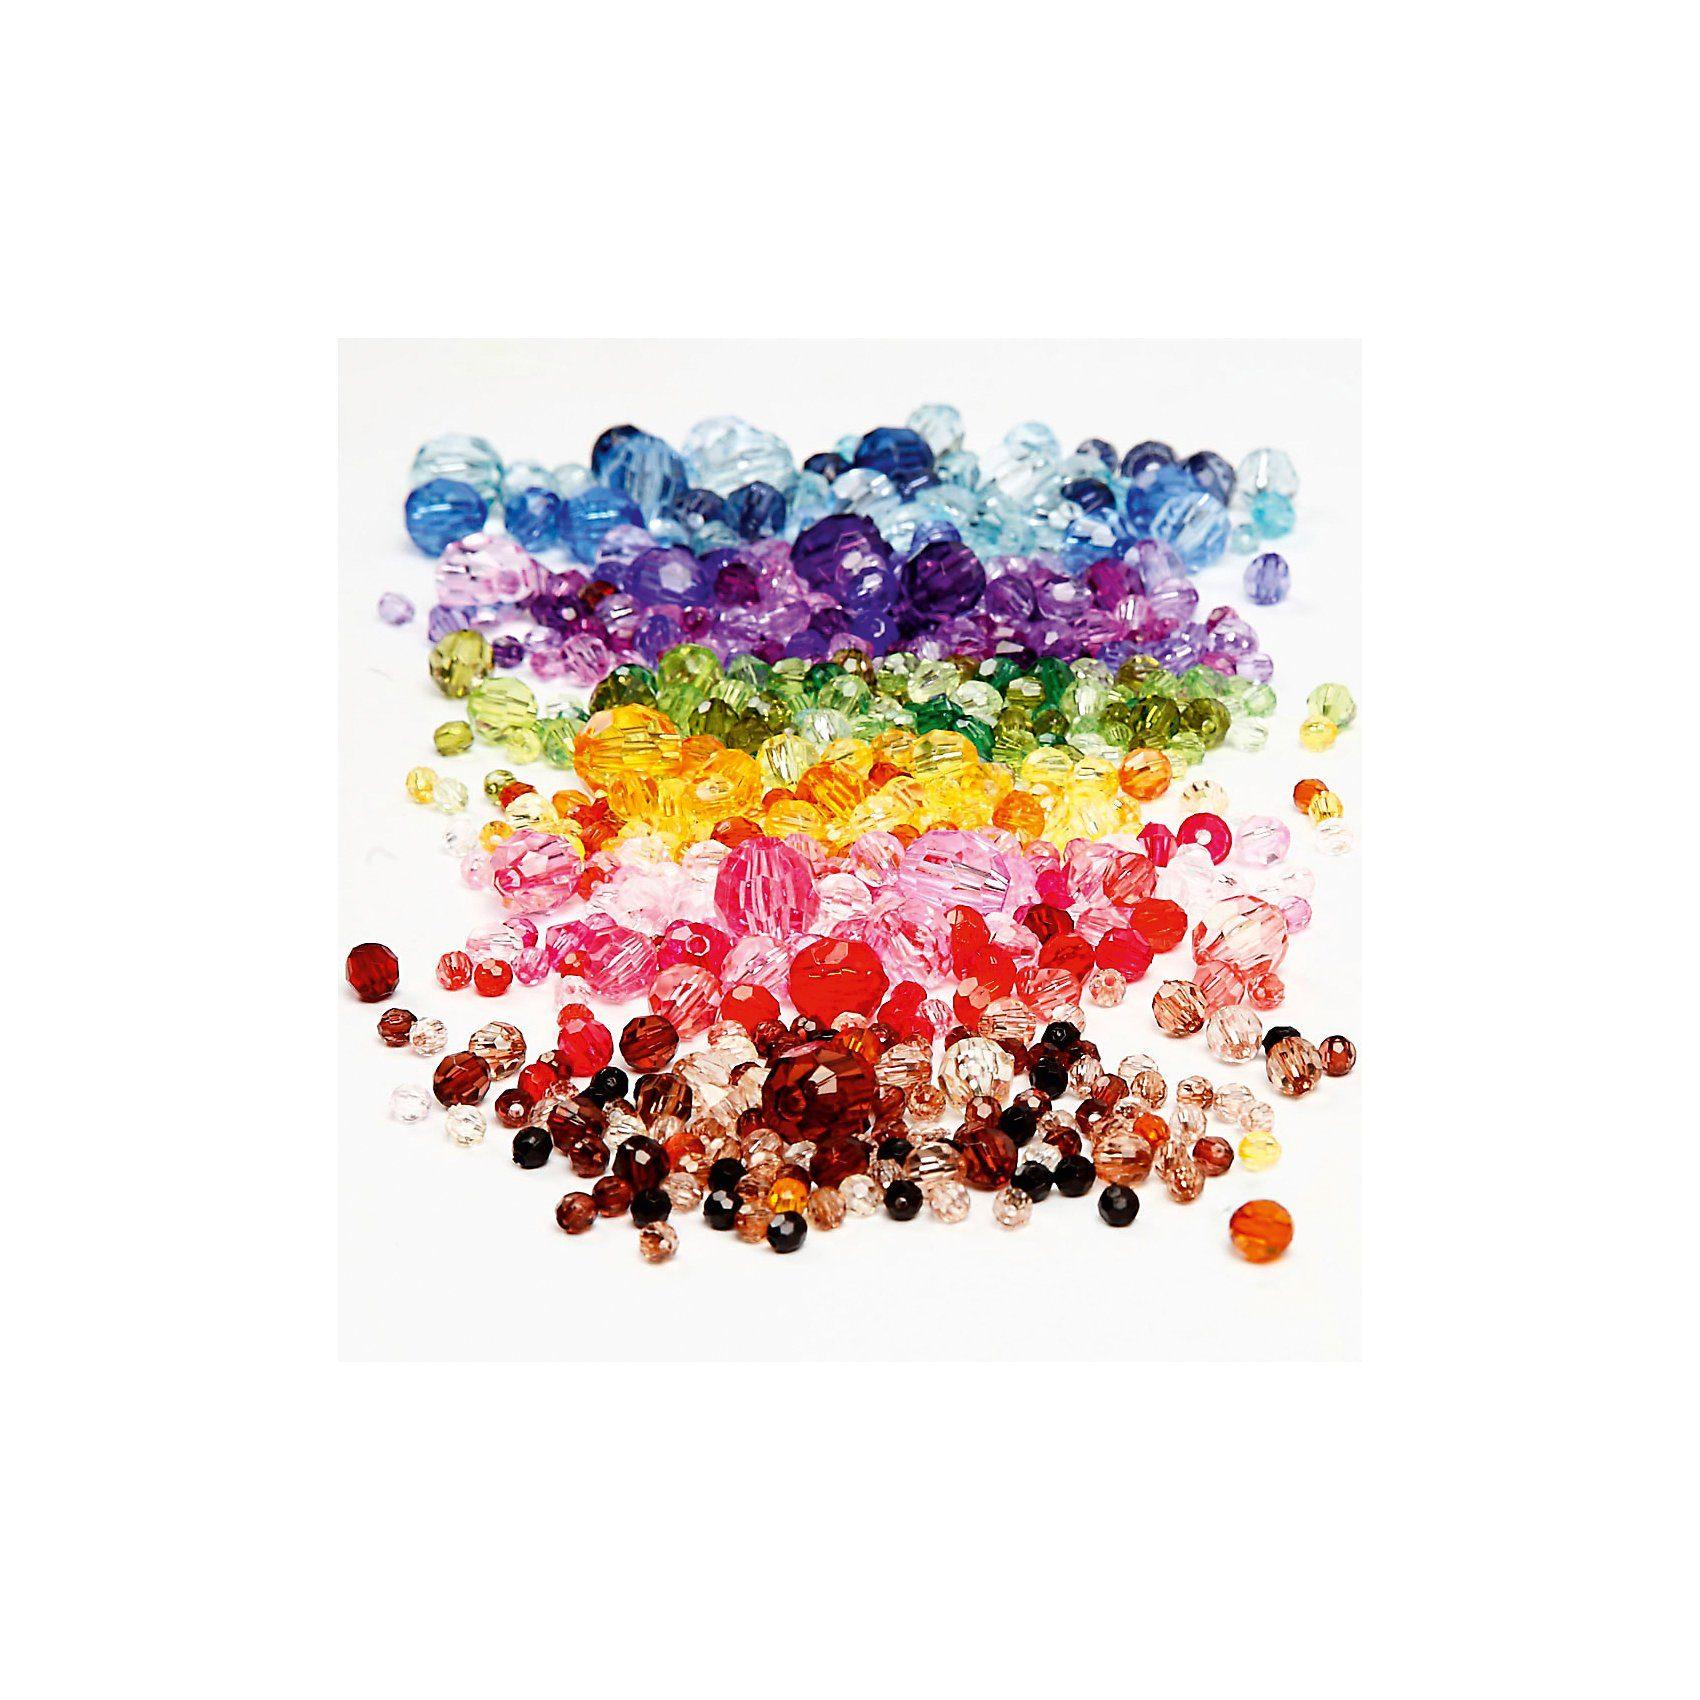 Facettenperlen-Mix, D: 4-12 mm, Lochgröße 1-2,5 mm, 7x250g